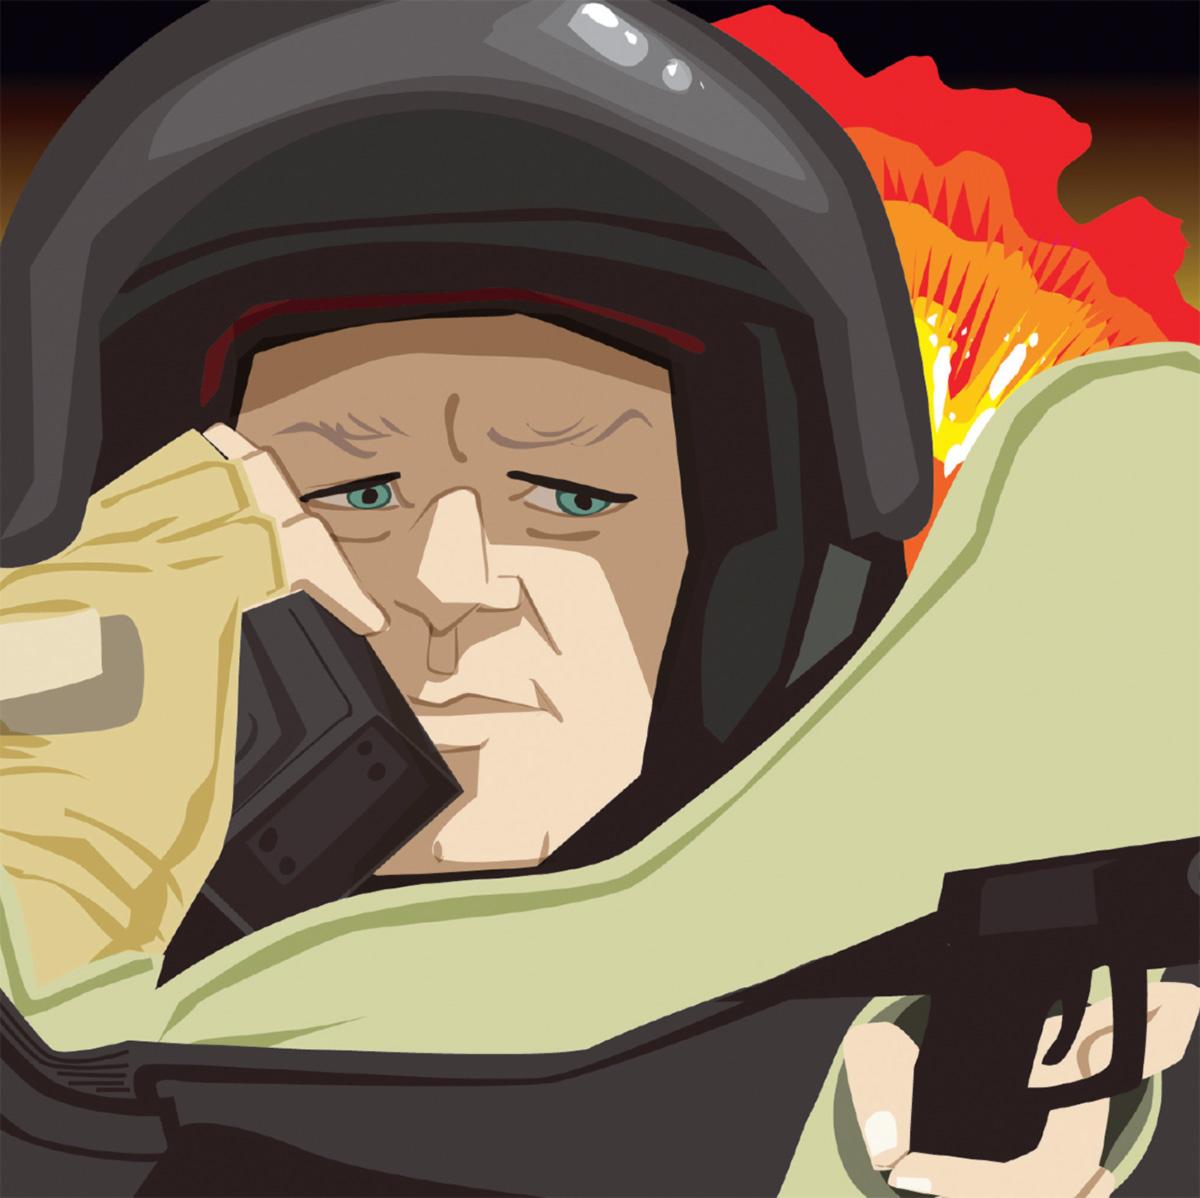 """A melhor maneira de desativar uma bomba, ele diz, é """"do jeito que você não morre"""""""